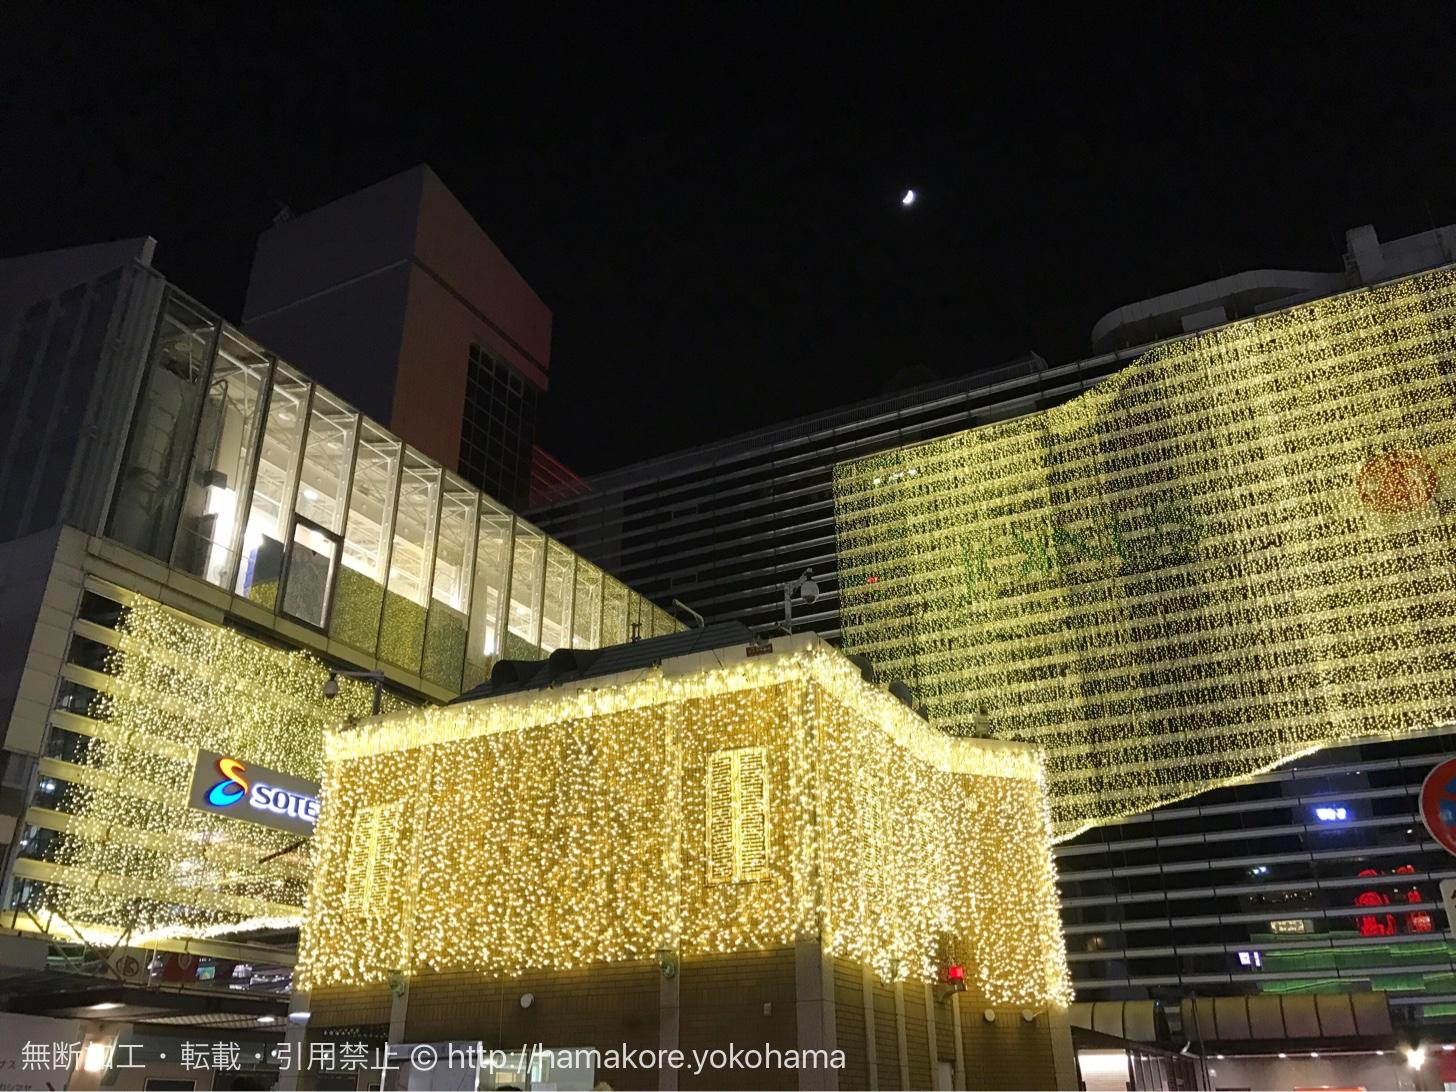 横浜駅西口に2016年版イルミネーションが登場!光の回廊で黄金に輝く